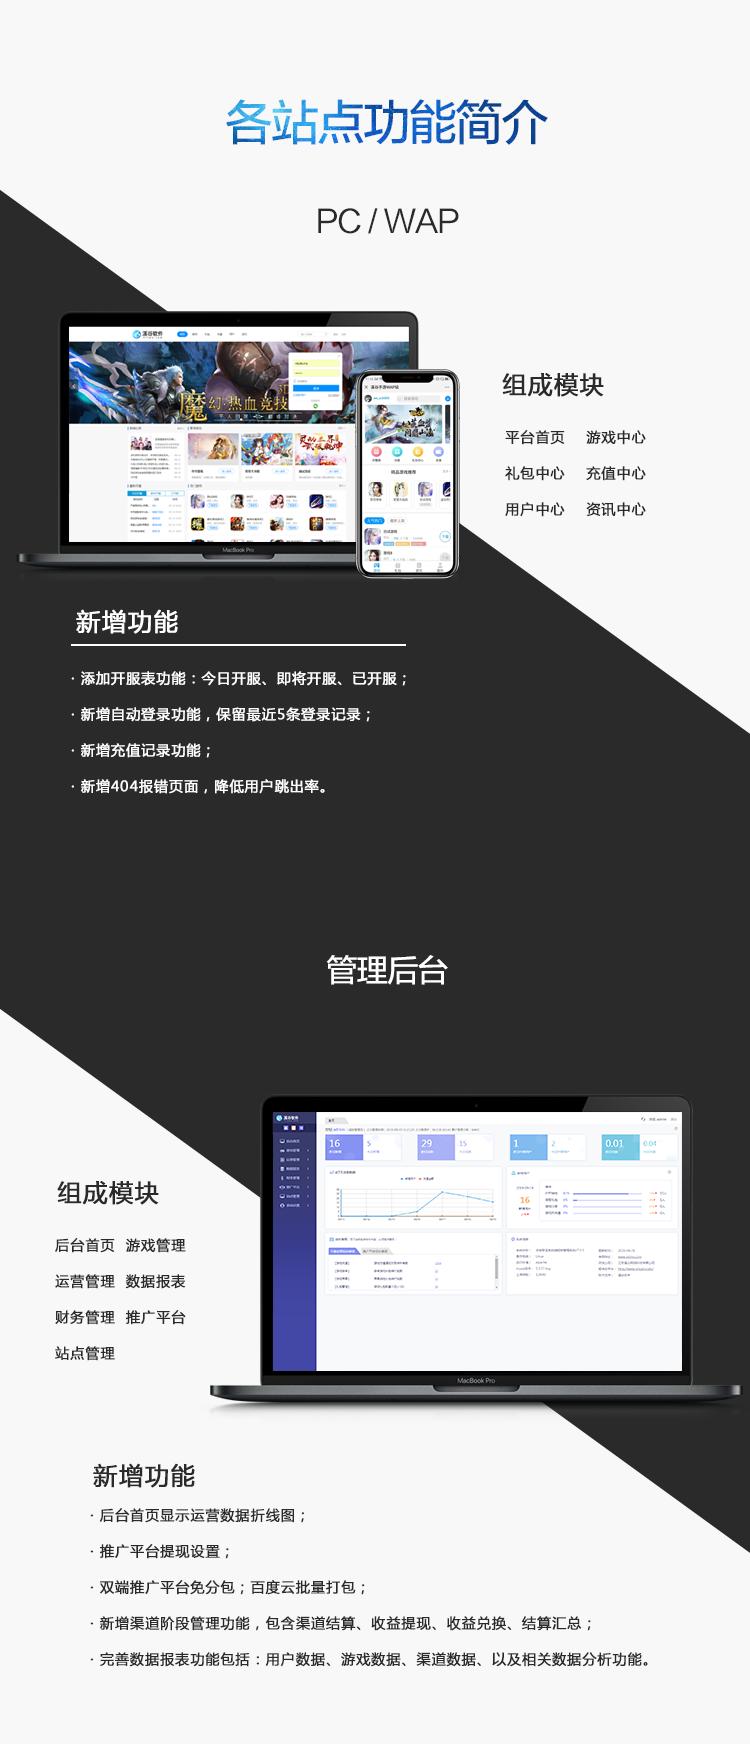 手游联运系统旗舰版介绍3.png